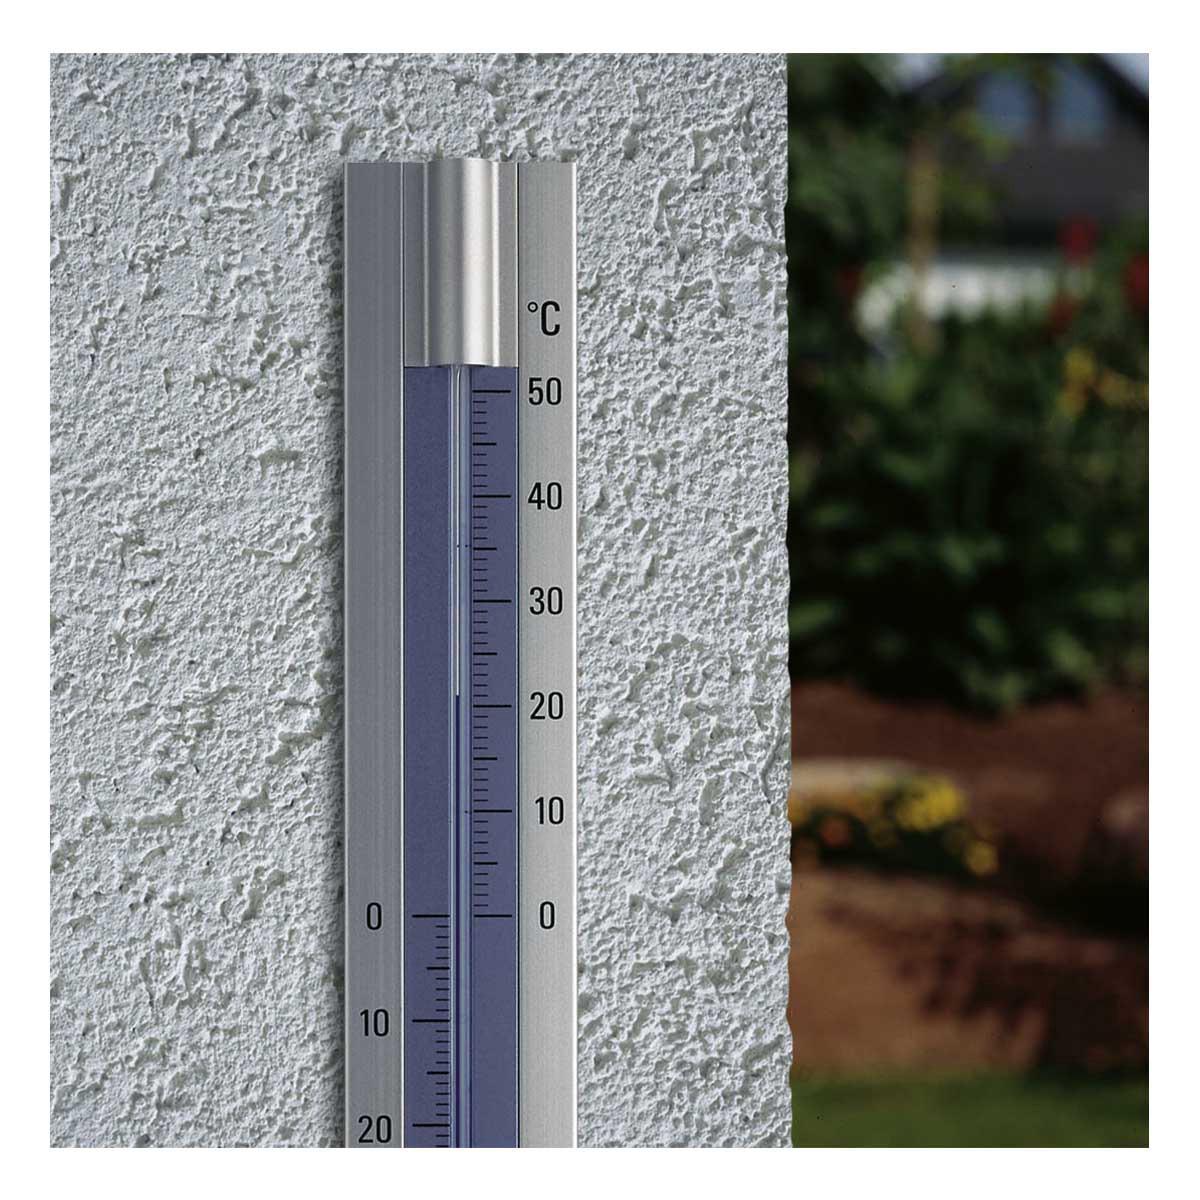 12-2045-innen-aussen-thermometer-aluminium-anwendung-1200x1200px.jpg